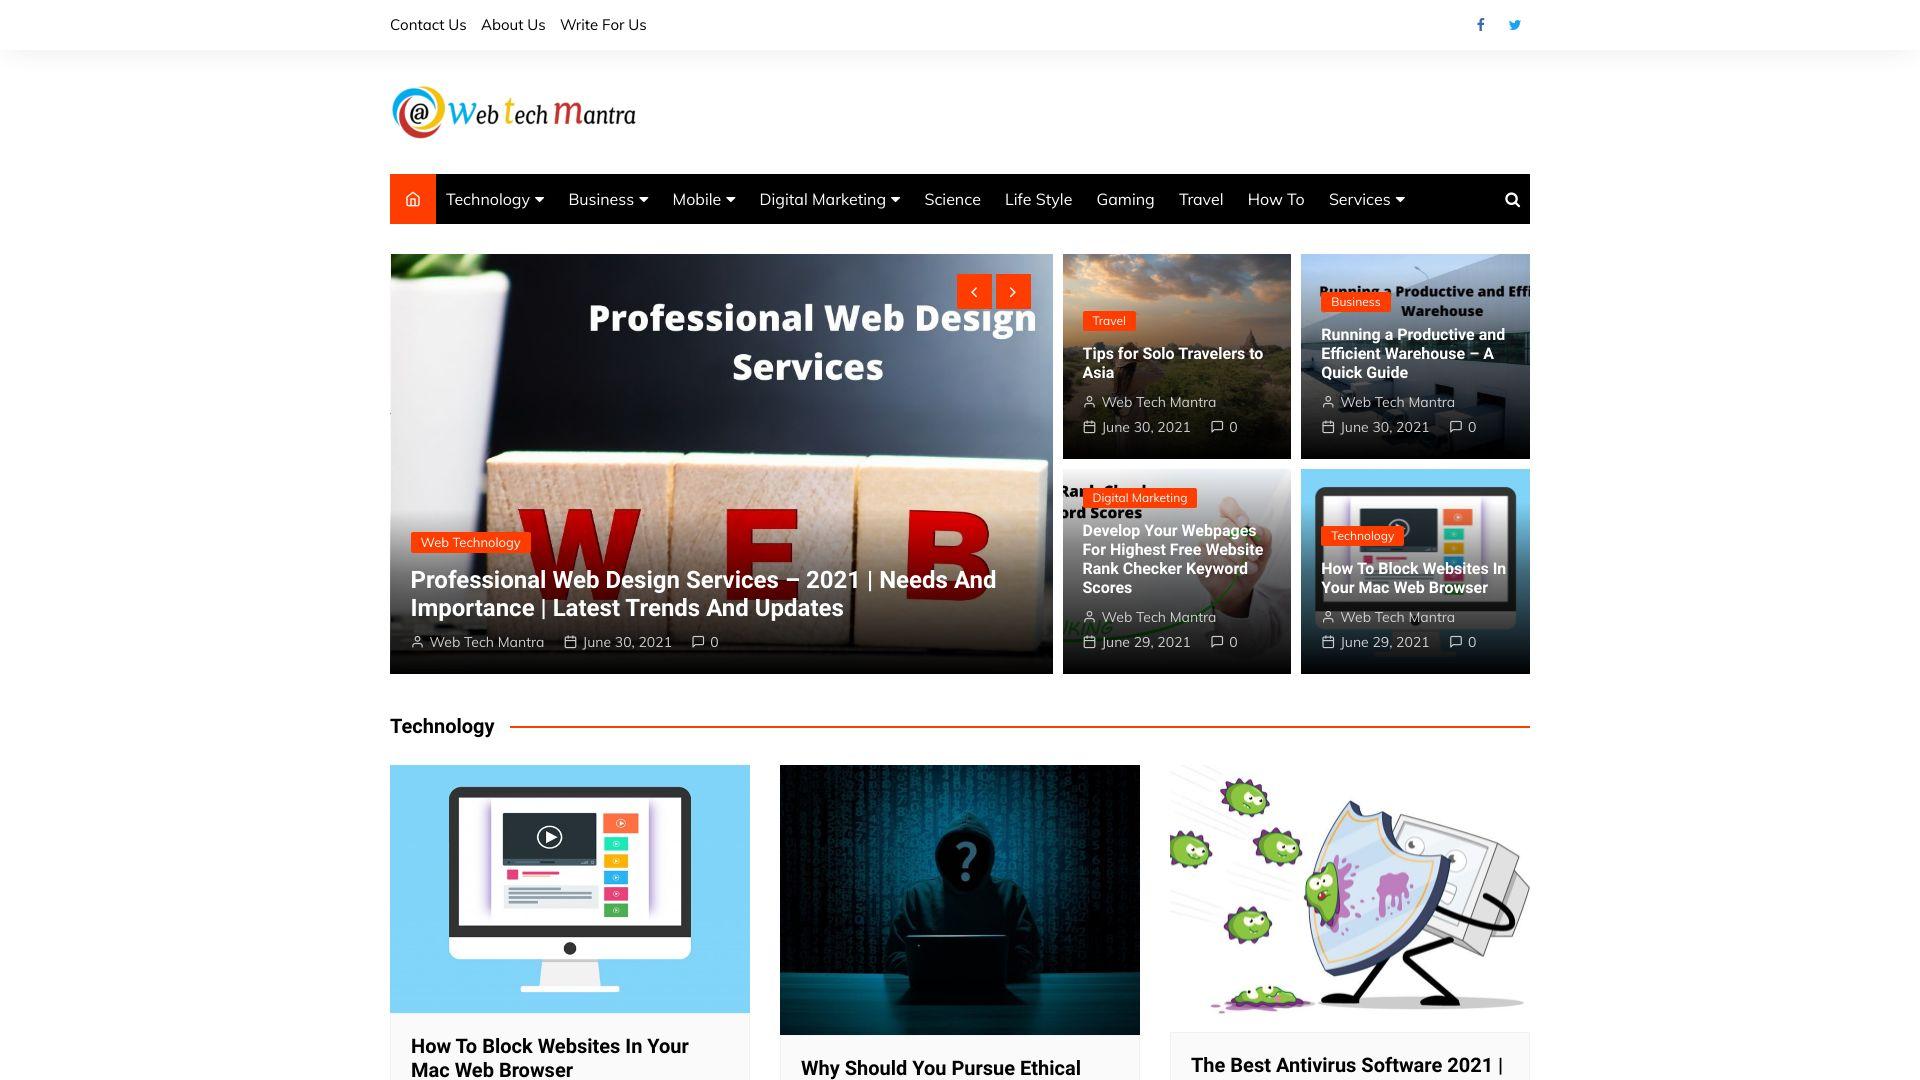 webtechmantra.com